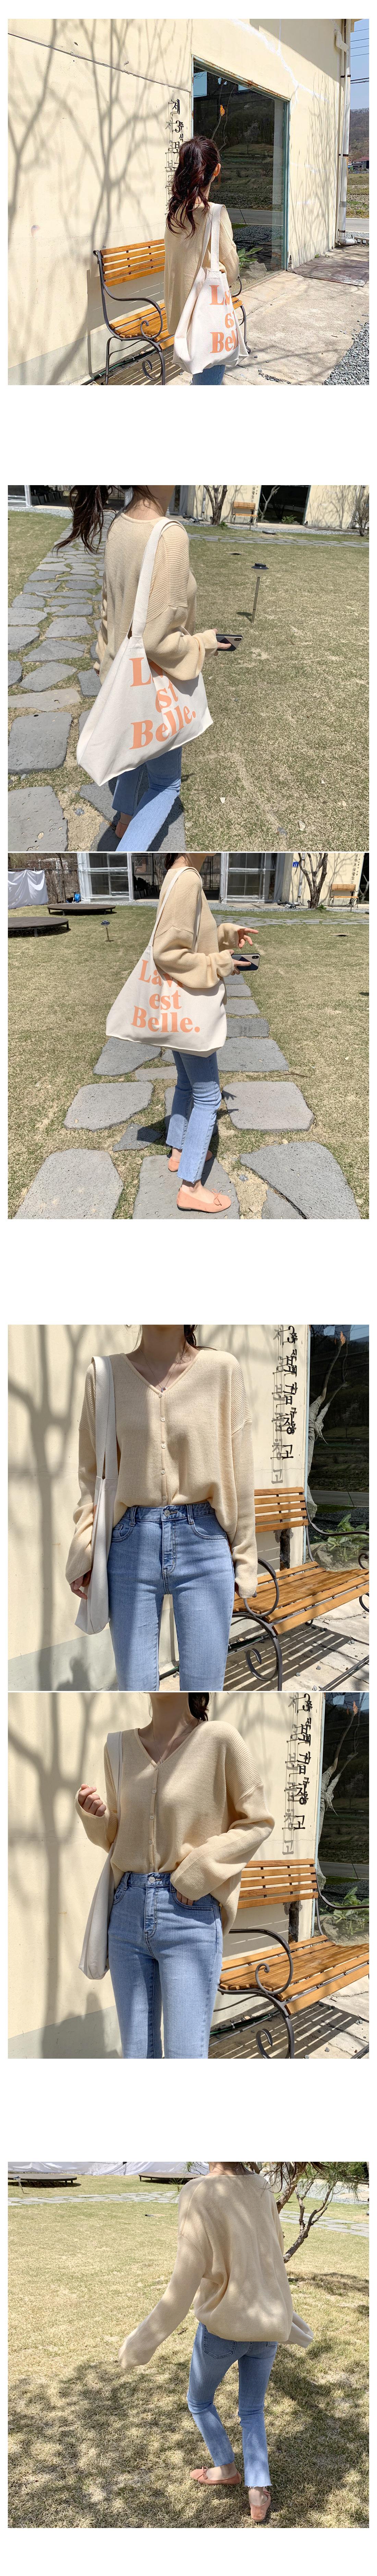 Dream knit cardigan